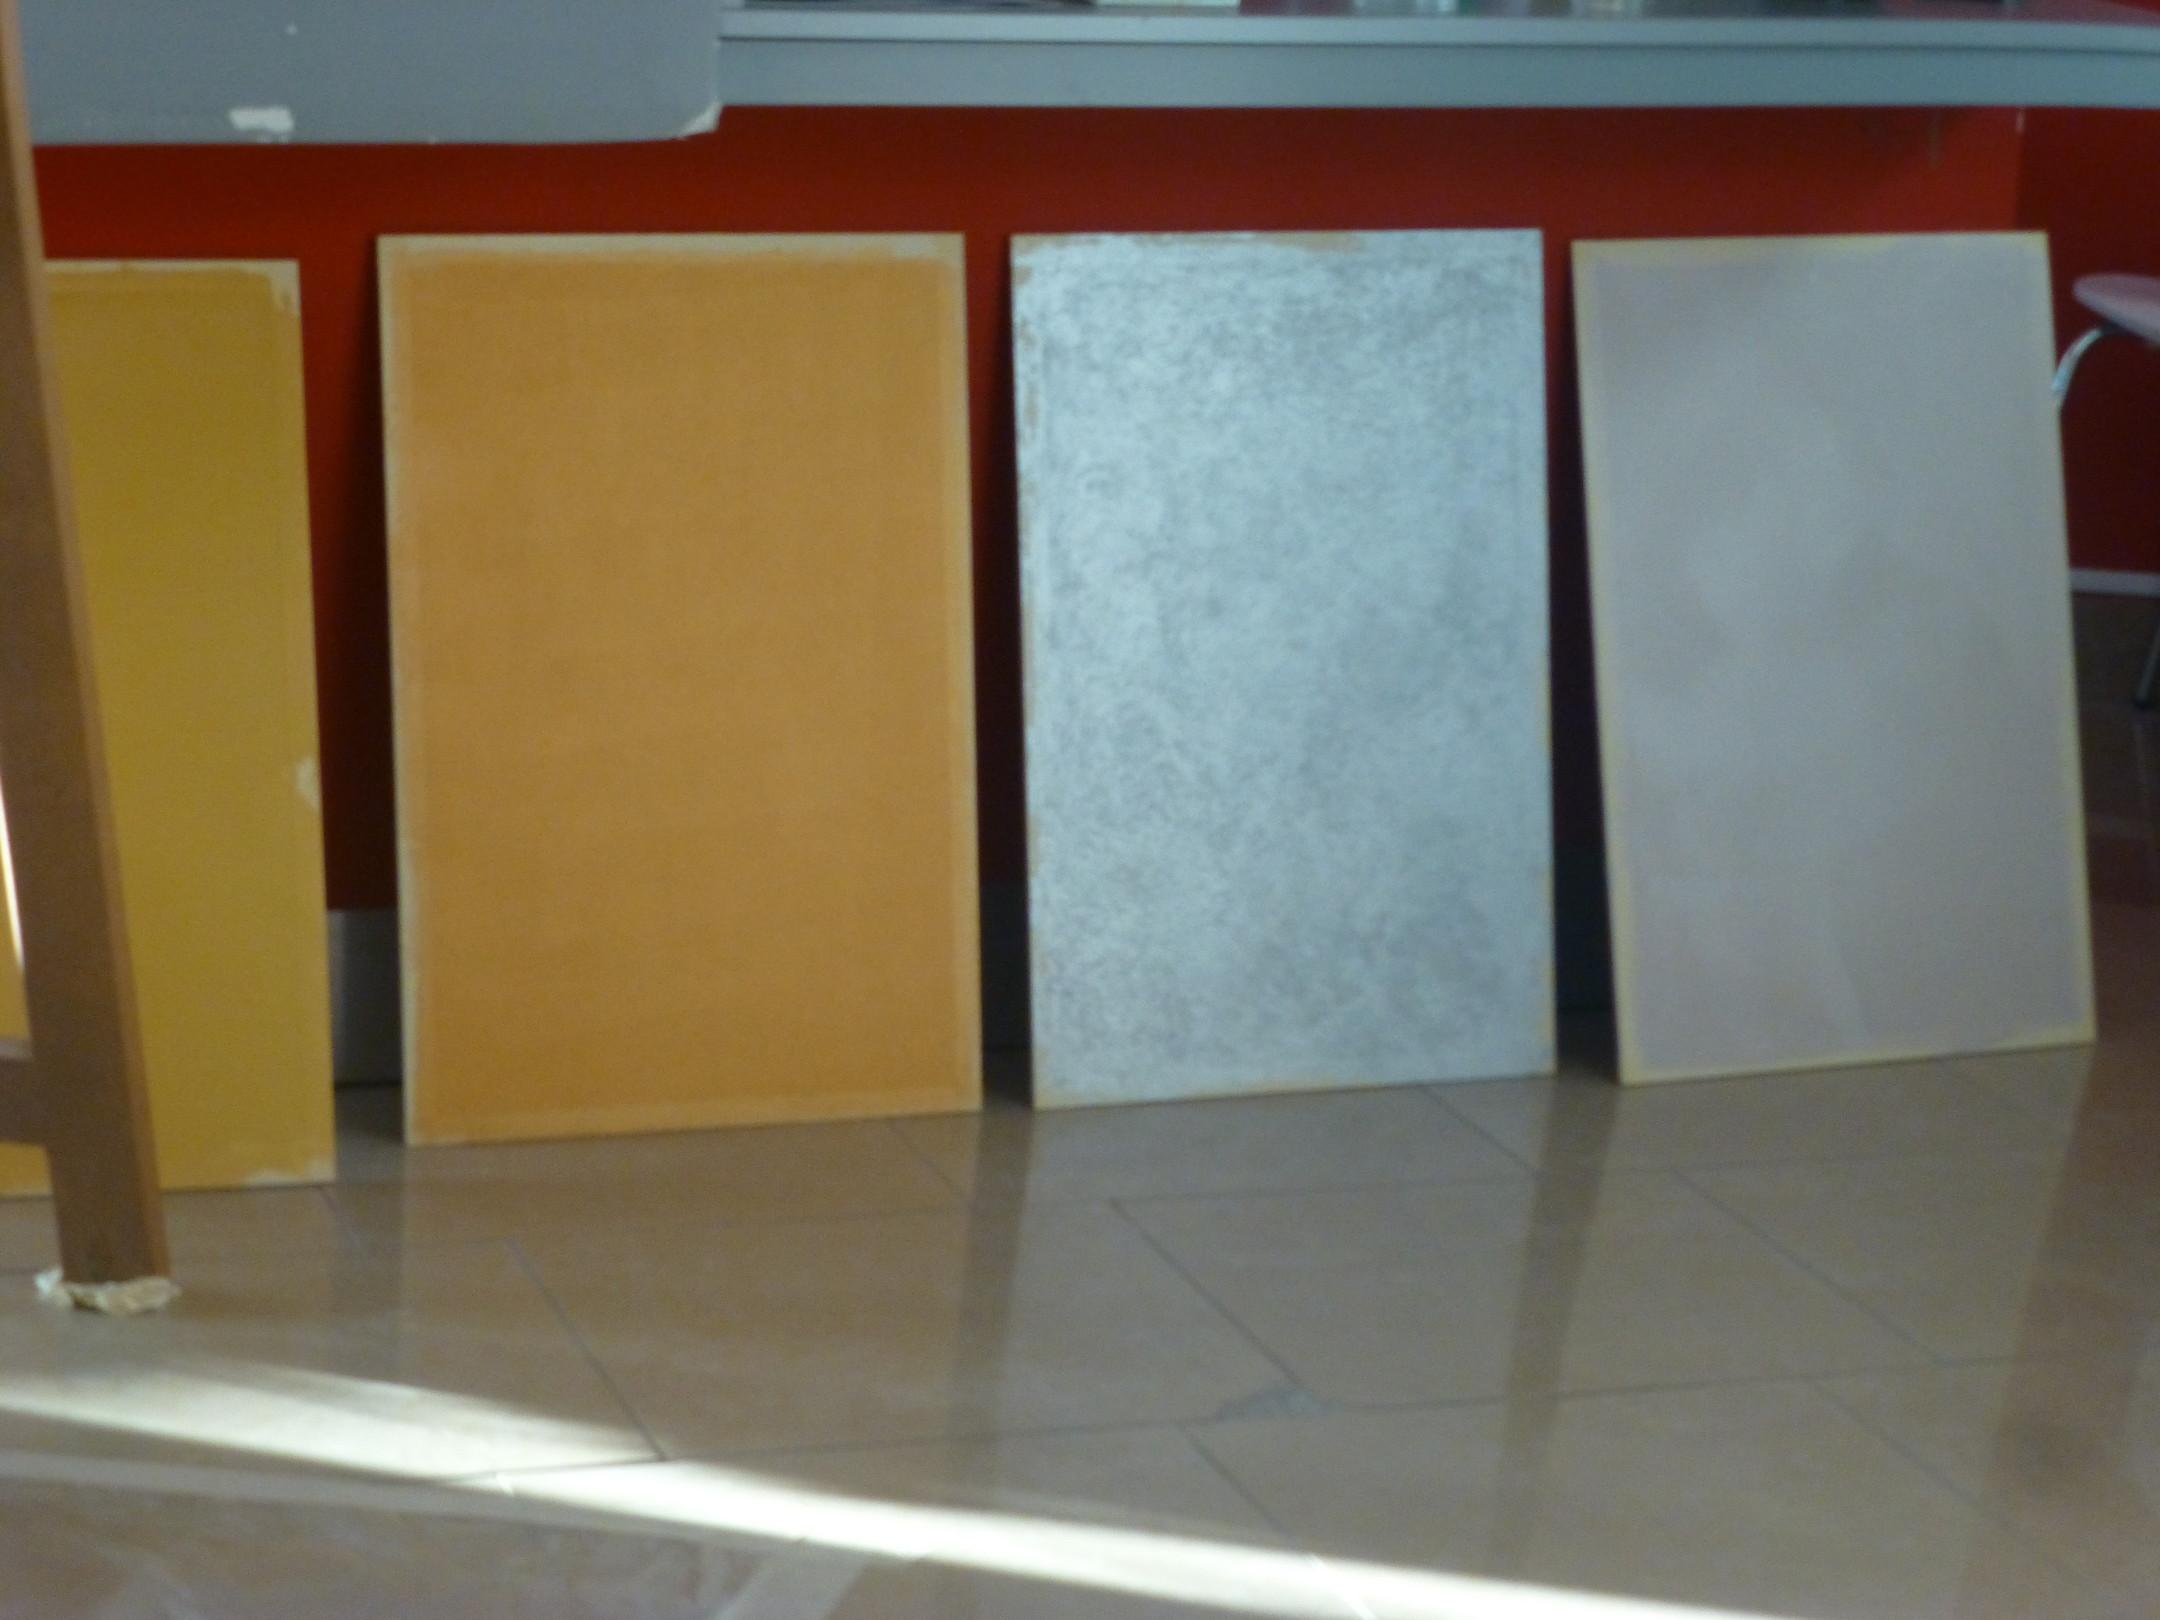 Gra evinska apoteka d o o colorificio san marco for Colorificio san marco